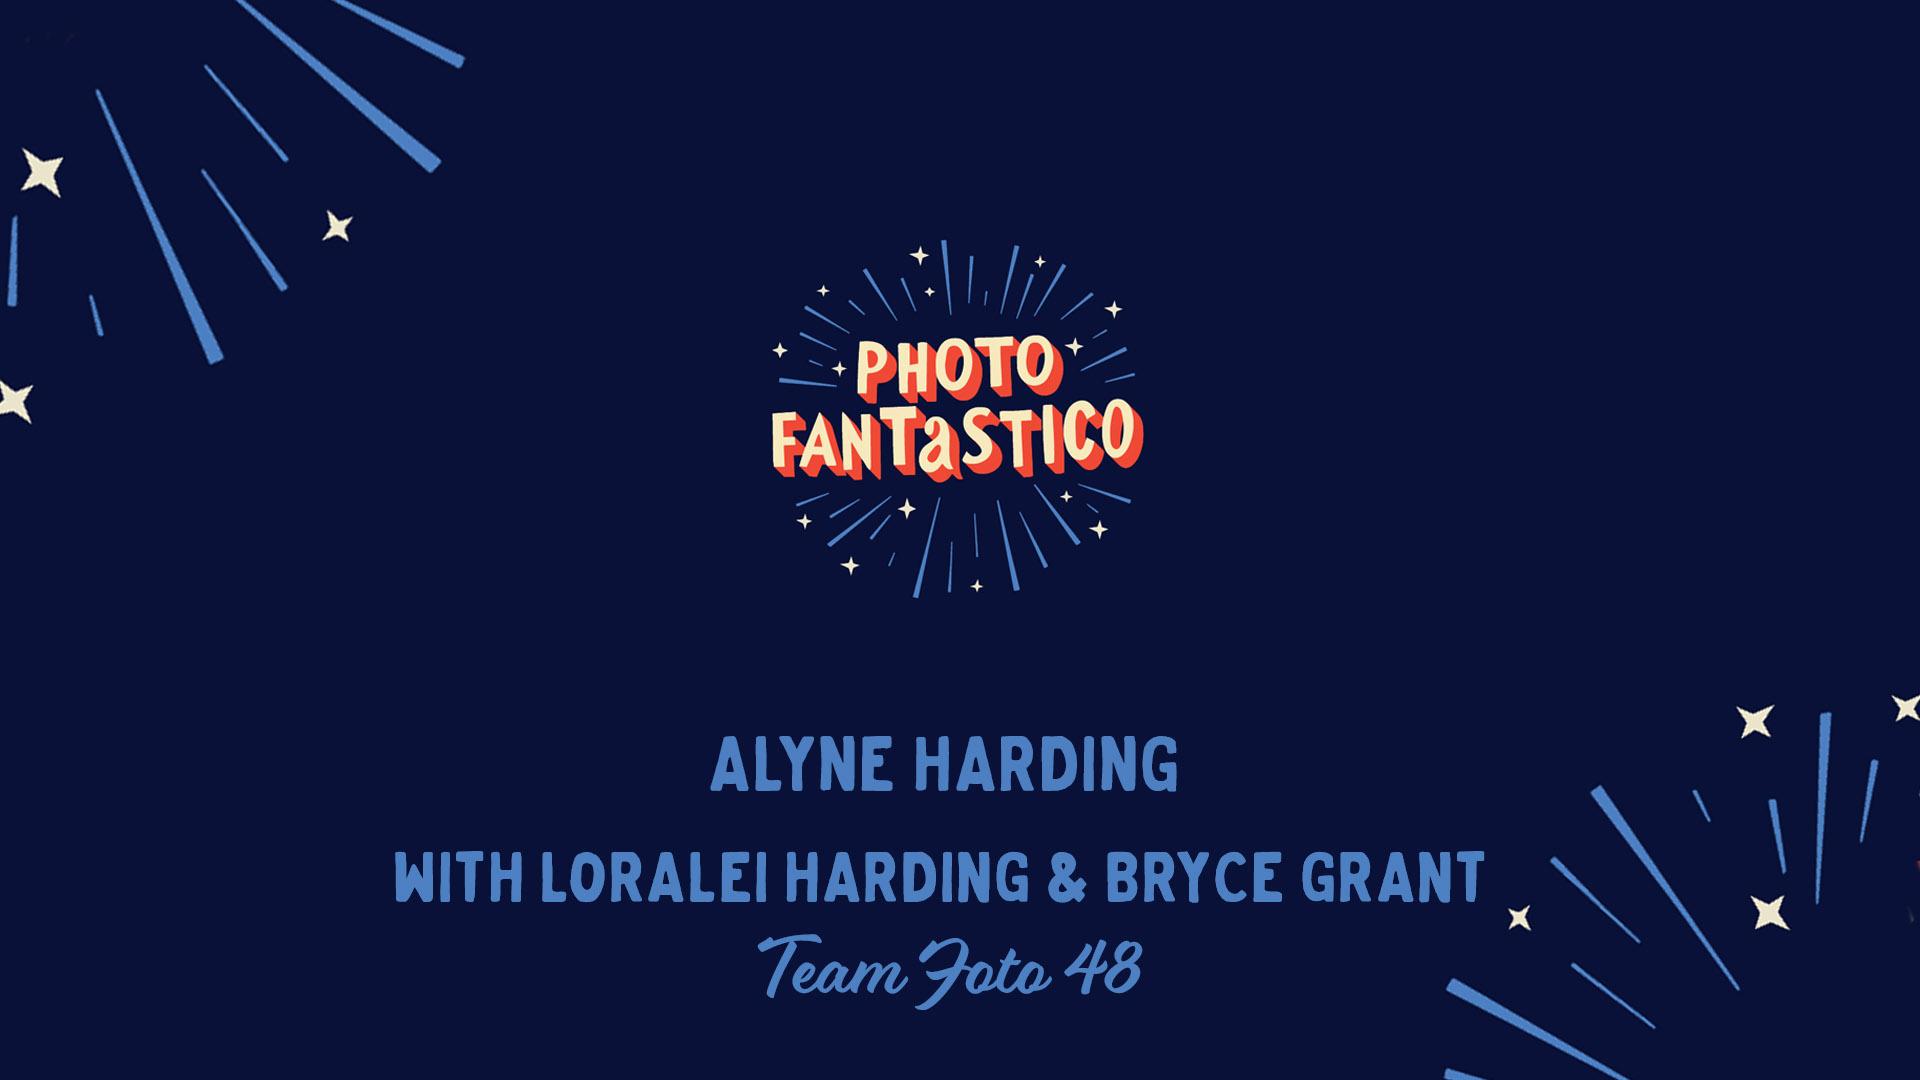 Alyne Harding